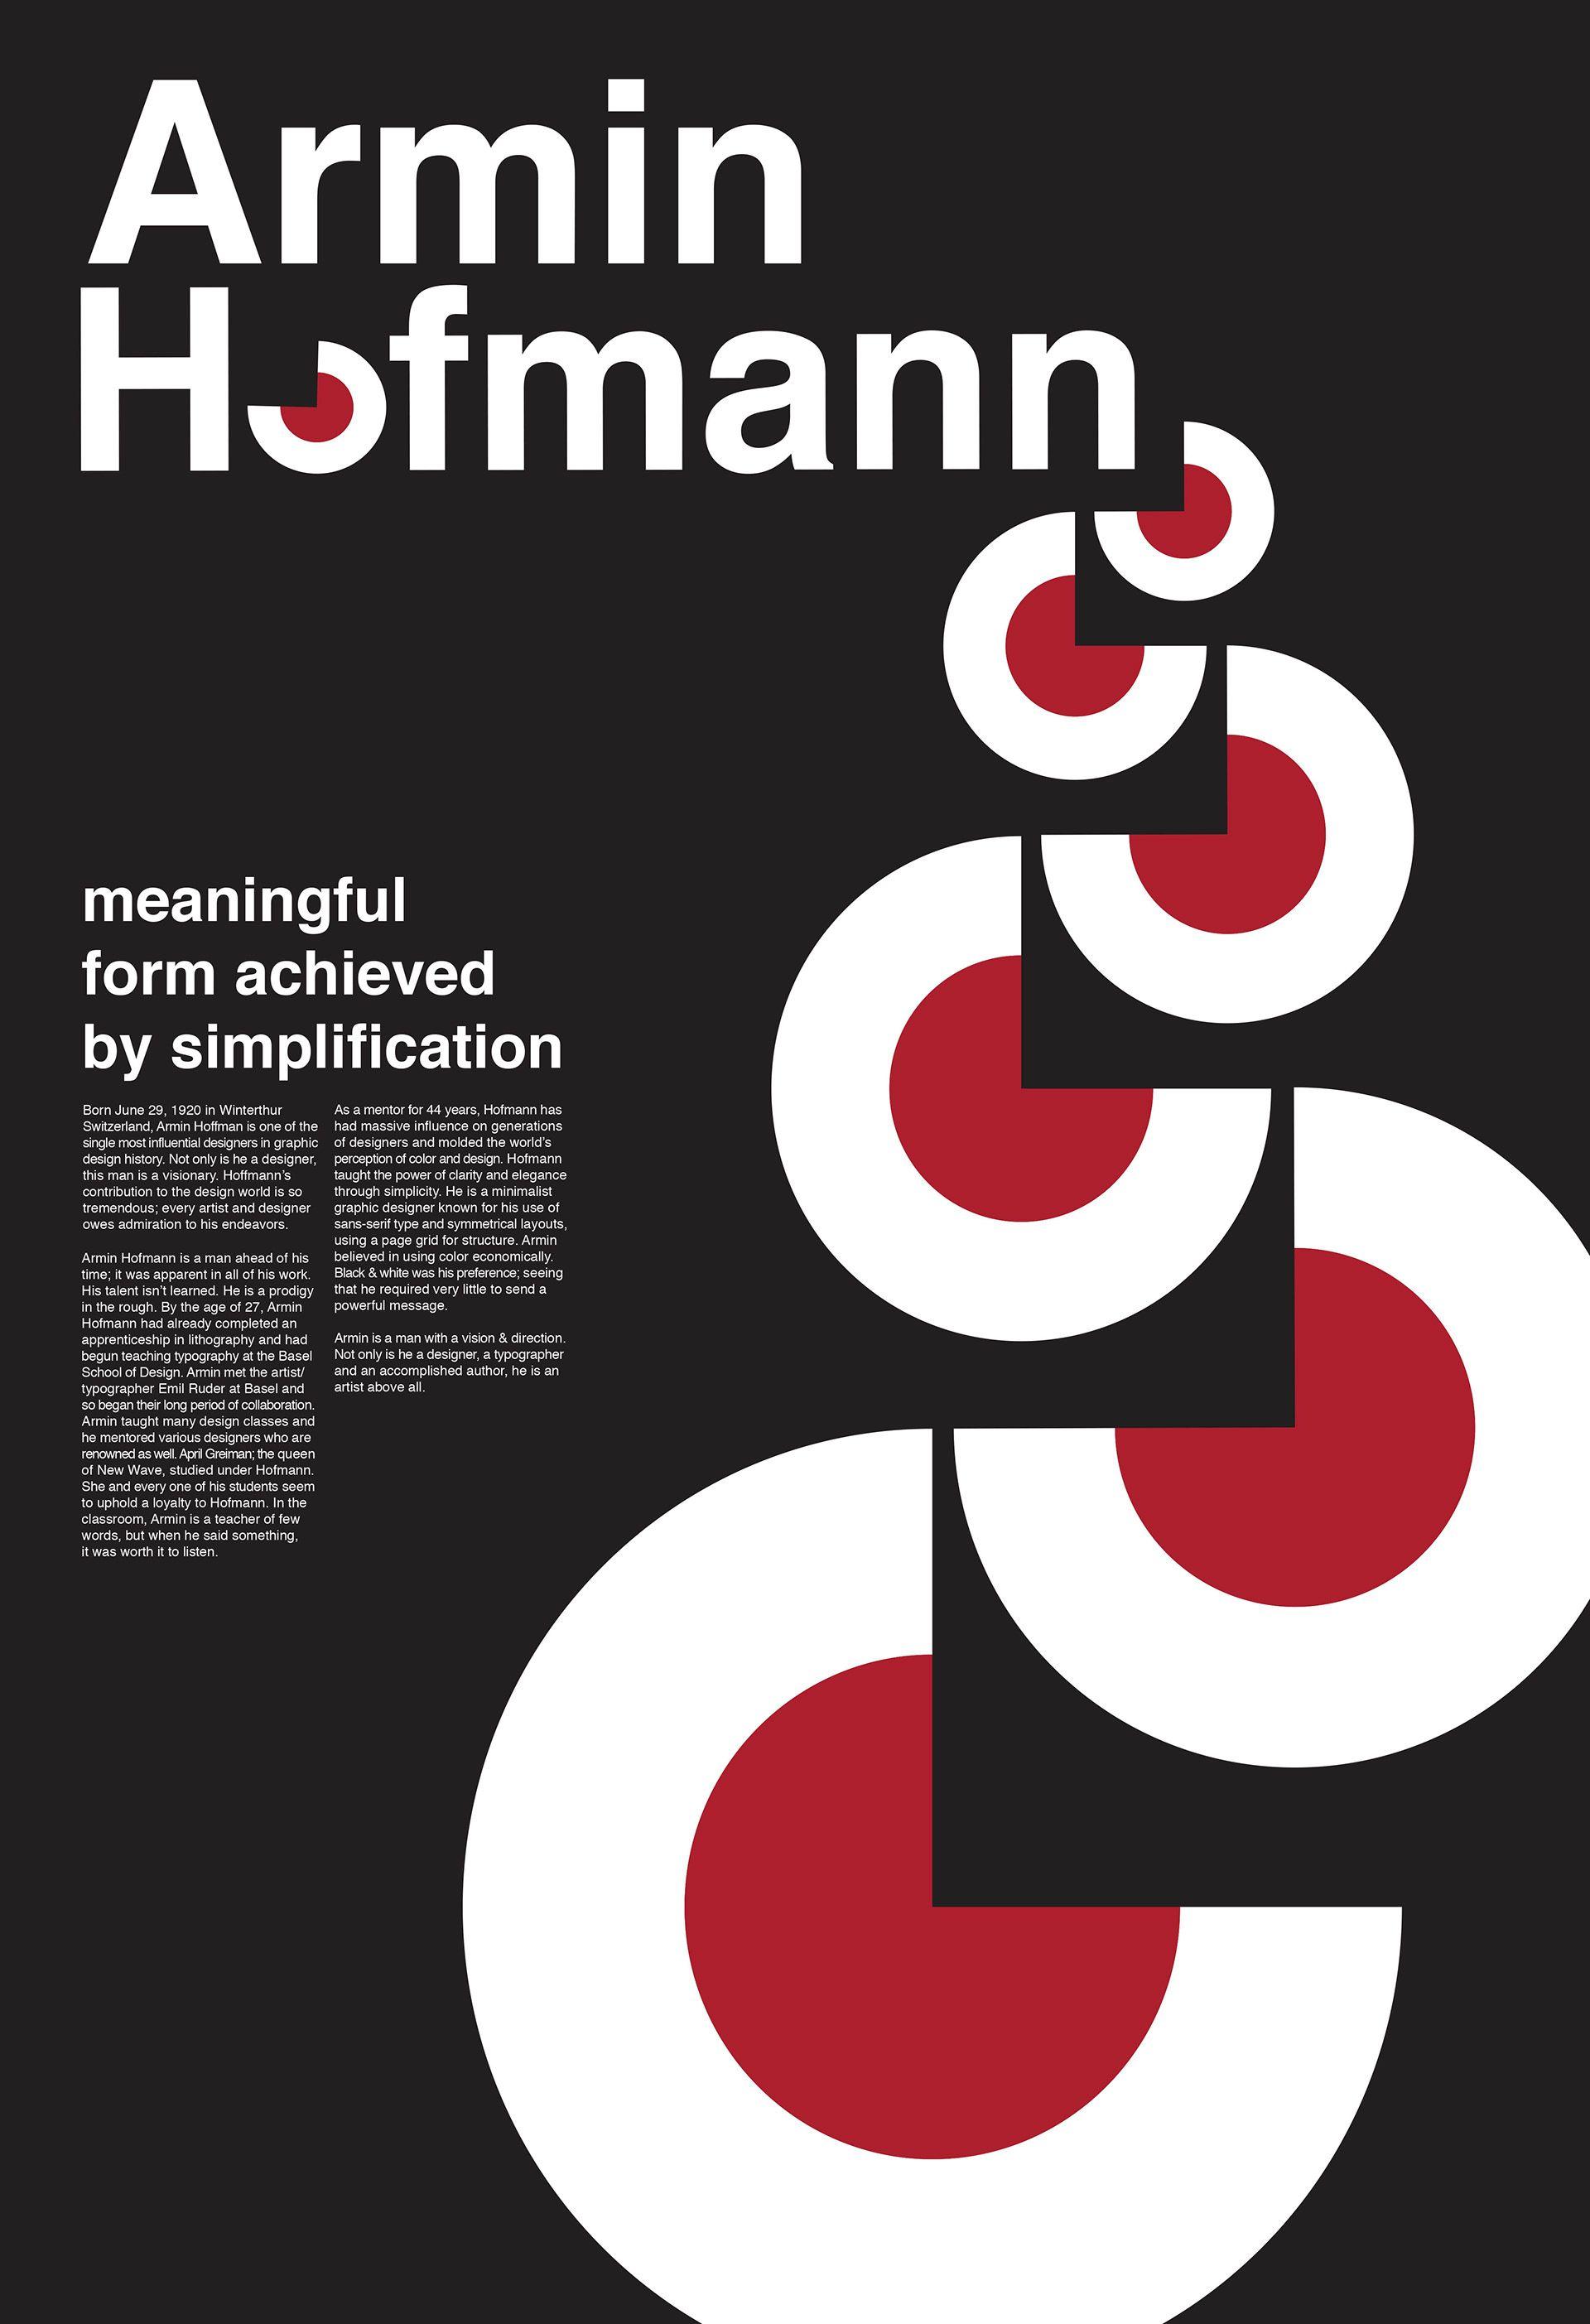 brandon stacey - Armin Hofmann poster